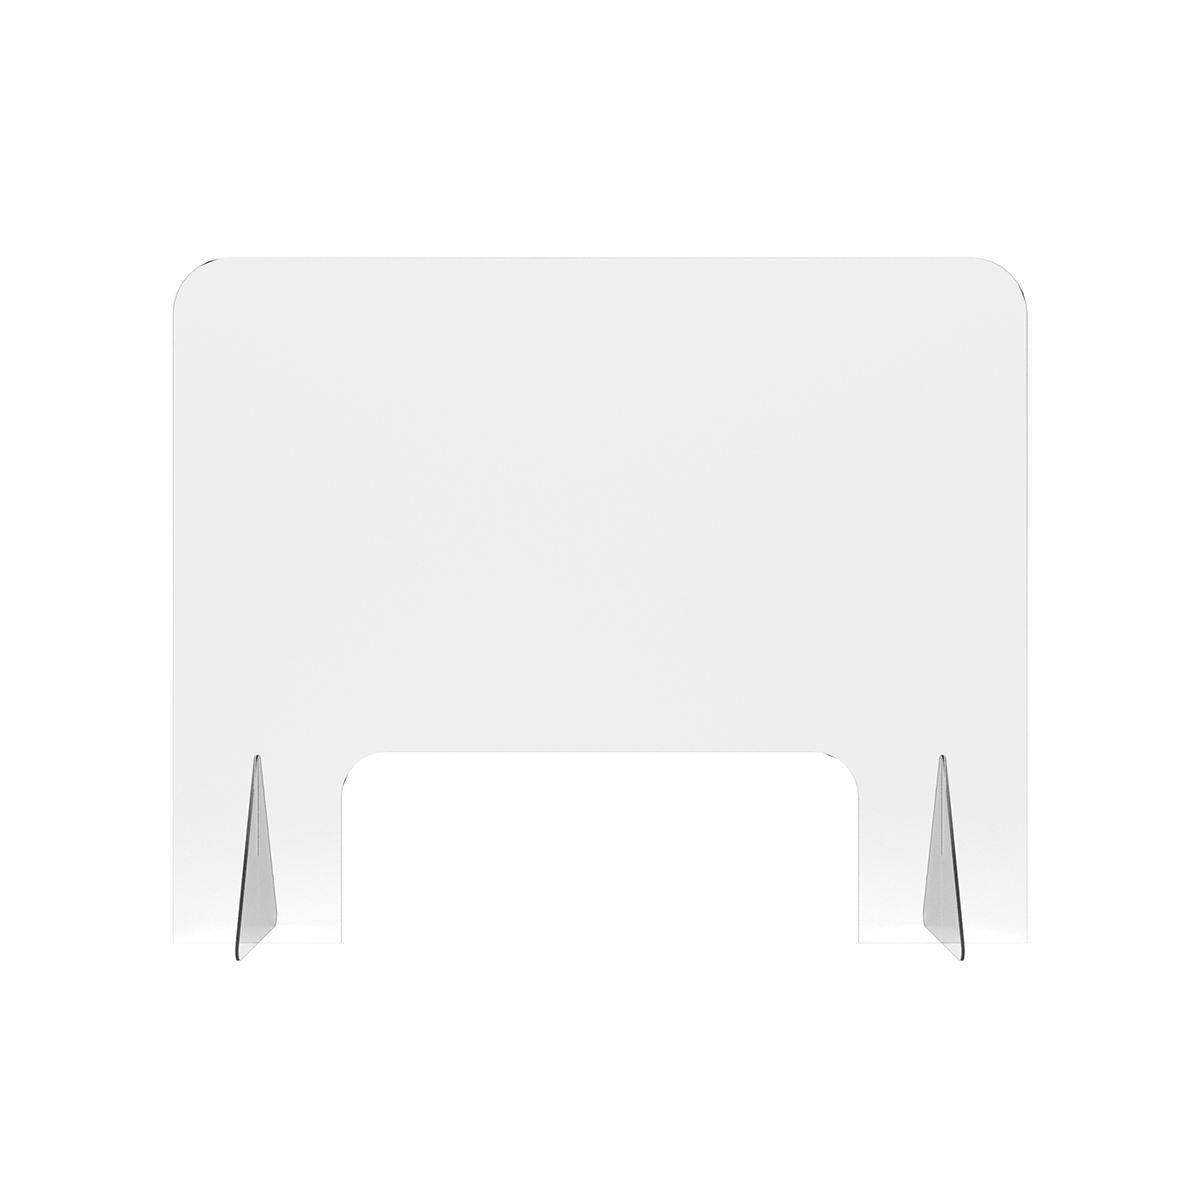 휴대용 카운터 보호 리셉션 보호 장벽 데스크탑 플라스틱 투명 아크릴 쉴드 스크린 재채기 가드